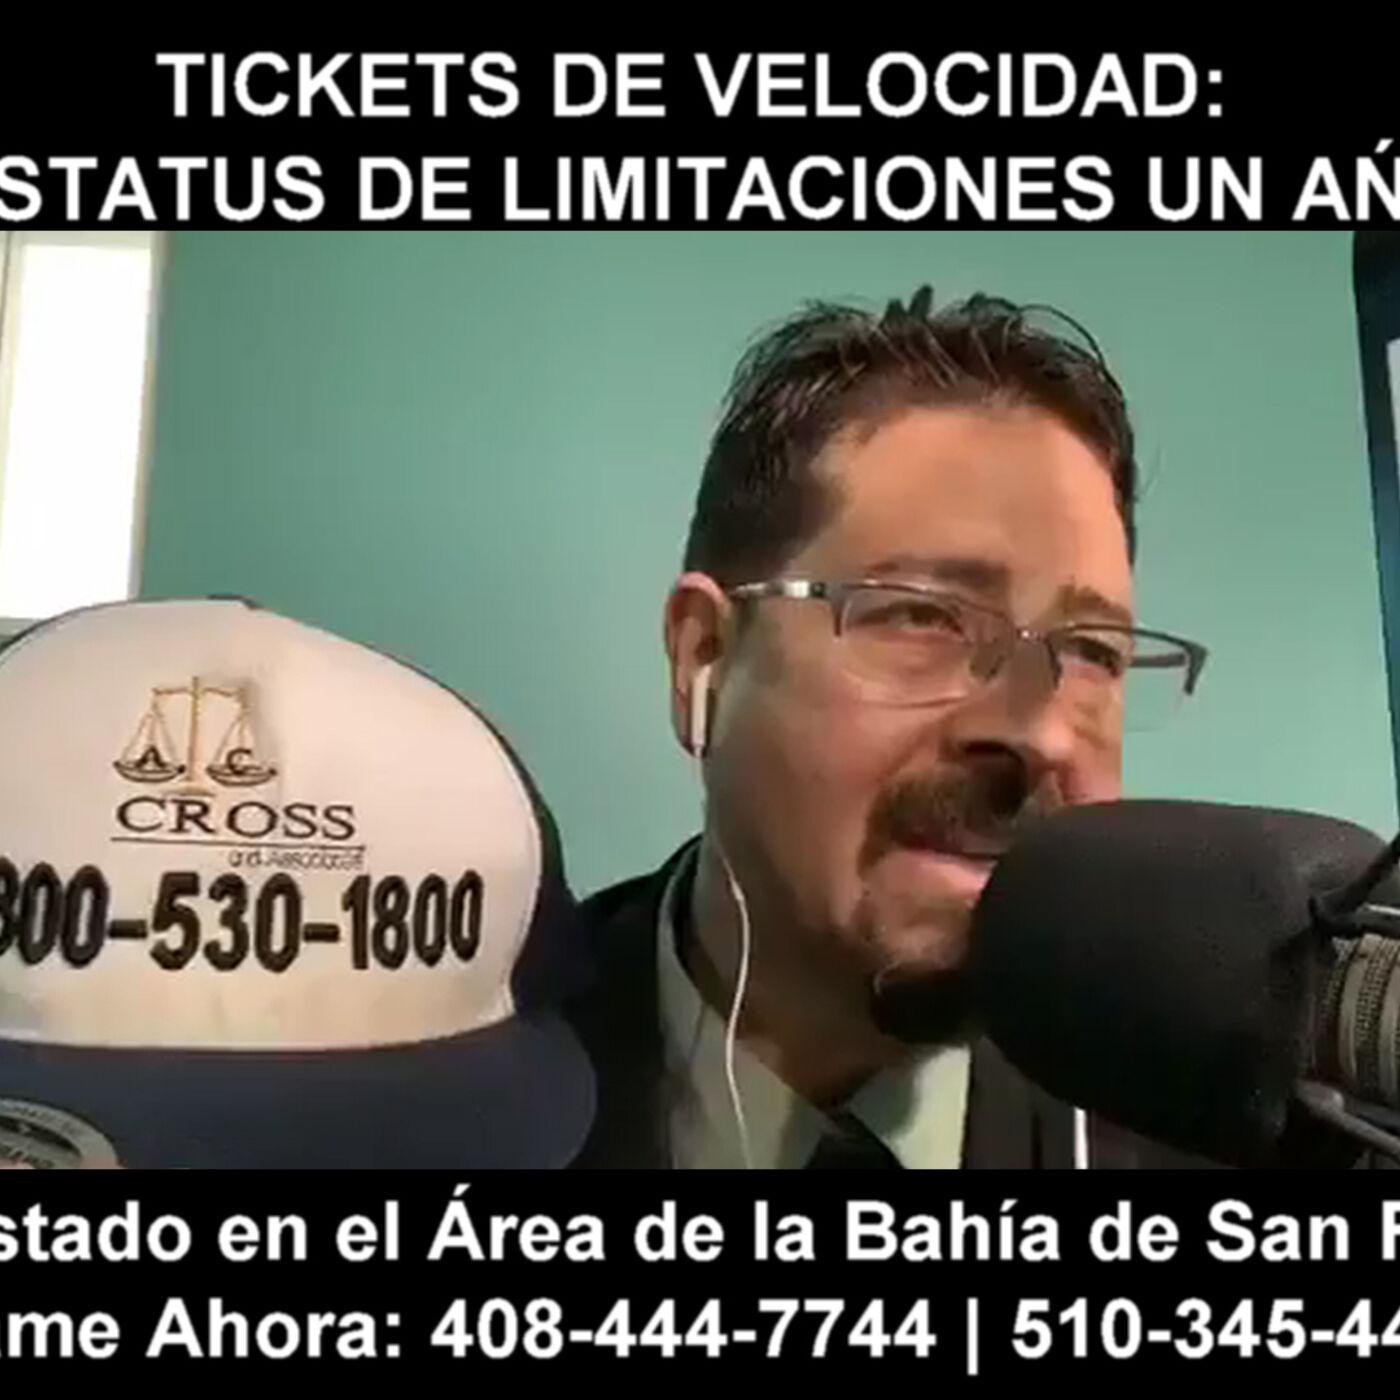 Tickets de velocidad: estatus de limitaciones un ańo